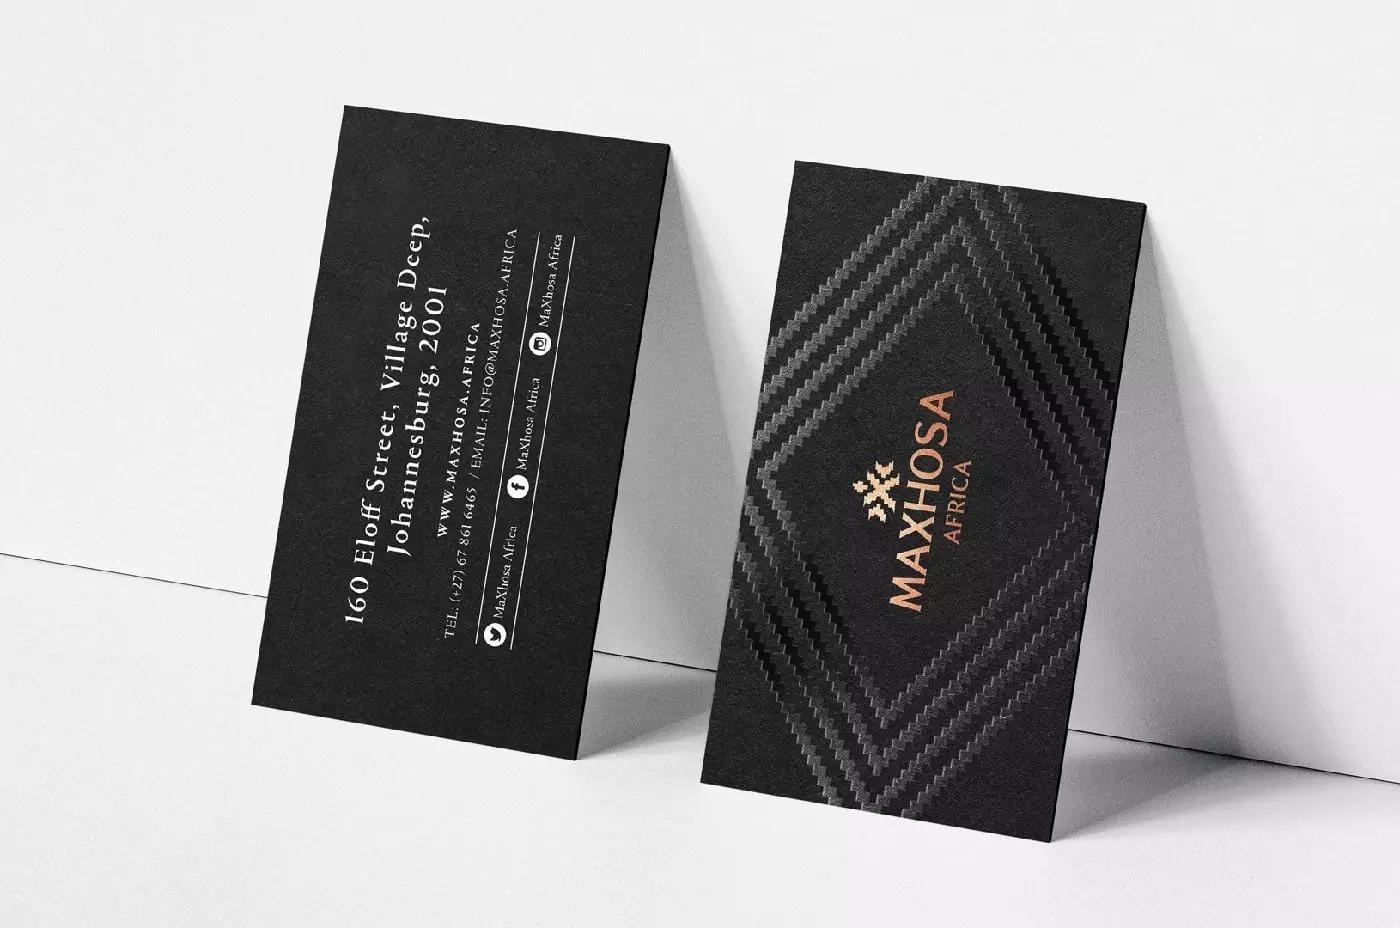 服饰品牌MAXHOSA AFRICA视觉形象设计